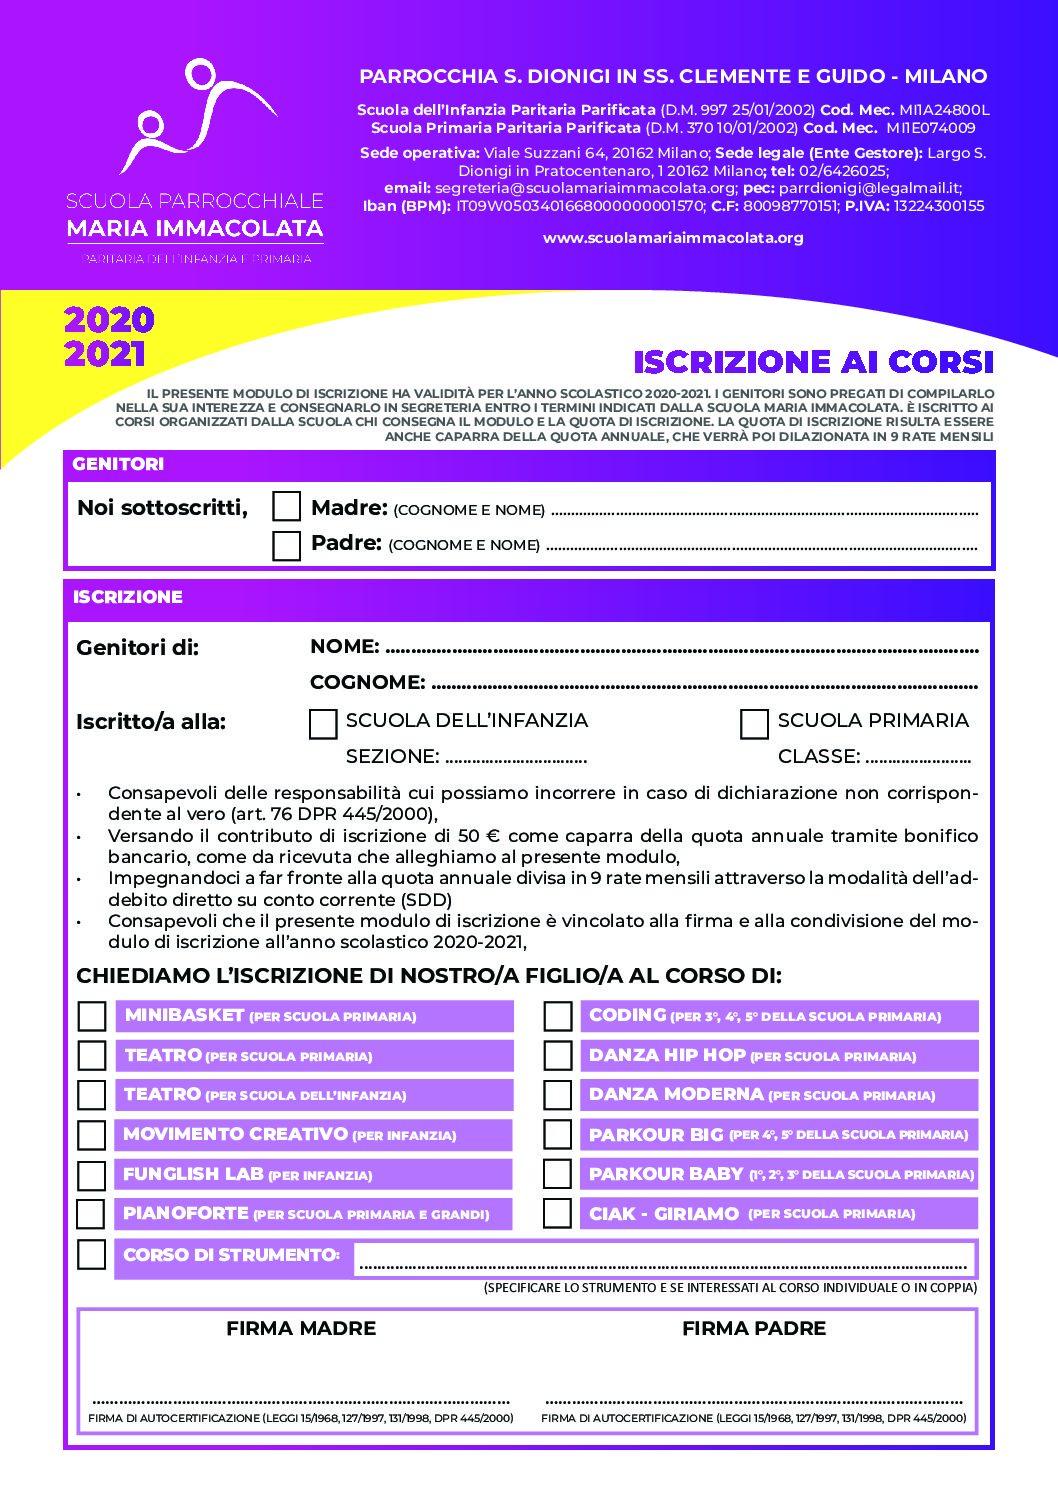 Modulo d'iscrizione ai corsi extrascolastici